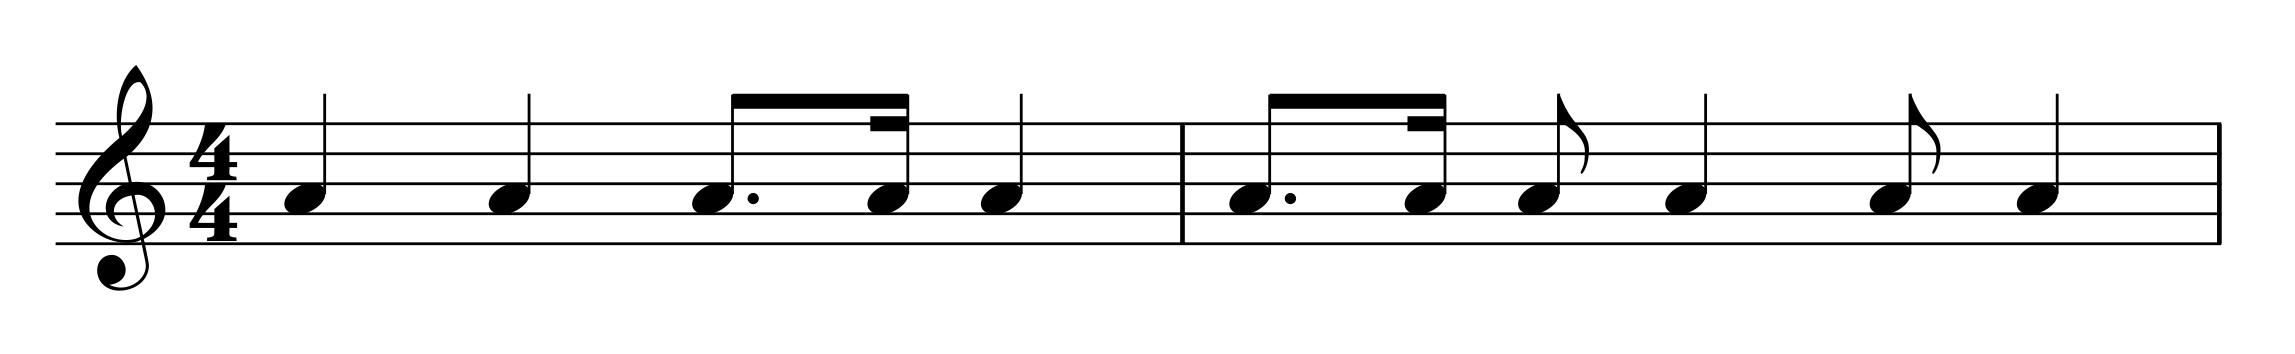 8.-16 rythm